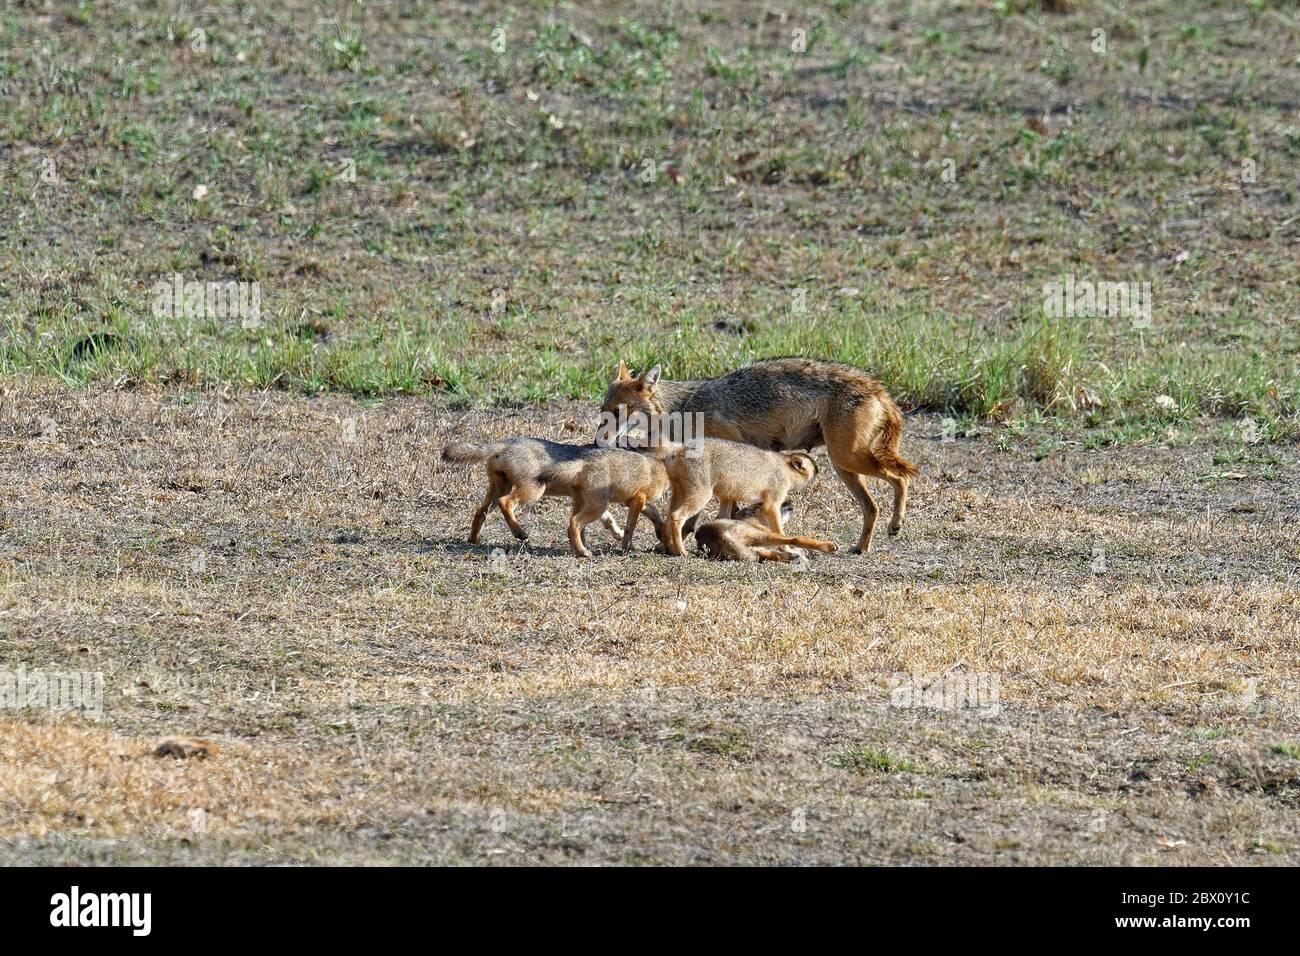 El gato indio femenino (Canis aureus) alimentándose y jugando con sus cachorros, la reserva de tigre de Kanha o el parque nacional de Kanha-Kisli, estado de Madhya Pradesh, India Foto de stock